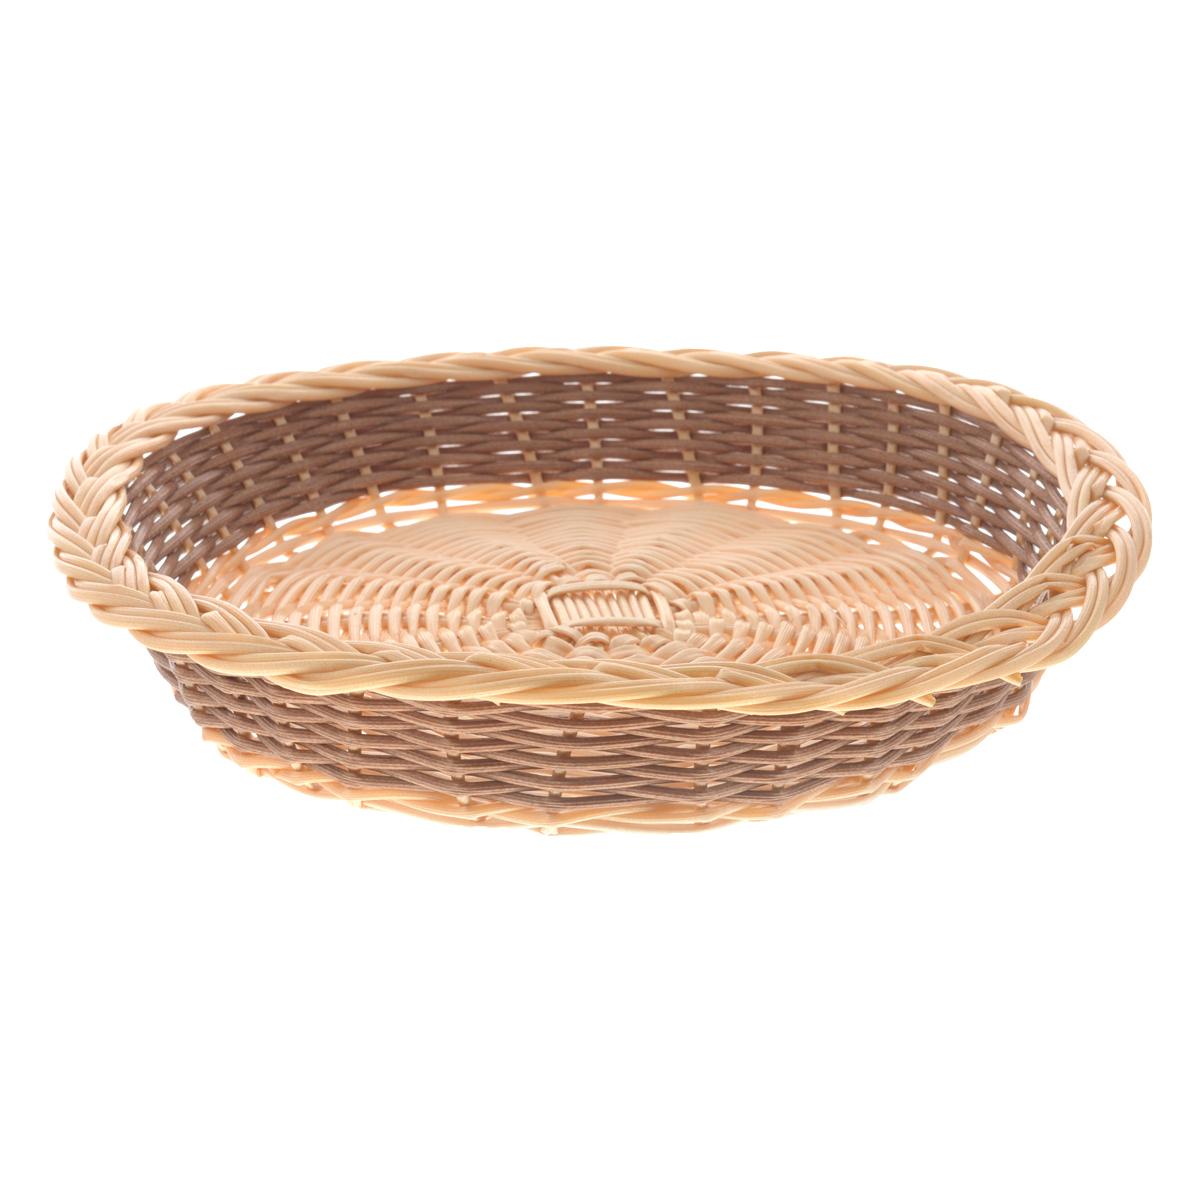 Корзина Kesper, диаметр 29 см1781-0Круглая плетеная корзина Kesper изготовлена из высококачественного пластика. Она предназначена для хранения фруктов, хлеба, а также мелочей дома или на даче. Позволяет хранить мелкие вещи, исключая возможность их потери. Корзина очень вместительная. Элегантный выдержанный дизайн позволяет органично вписаться в ваш интерьер и стать его элементом.Диаметр: 29 см.Высота: 5 см.